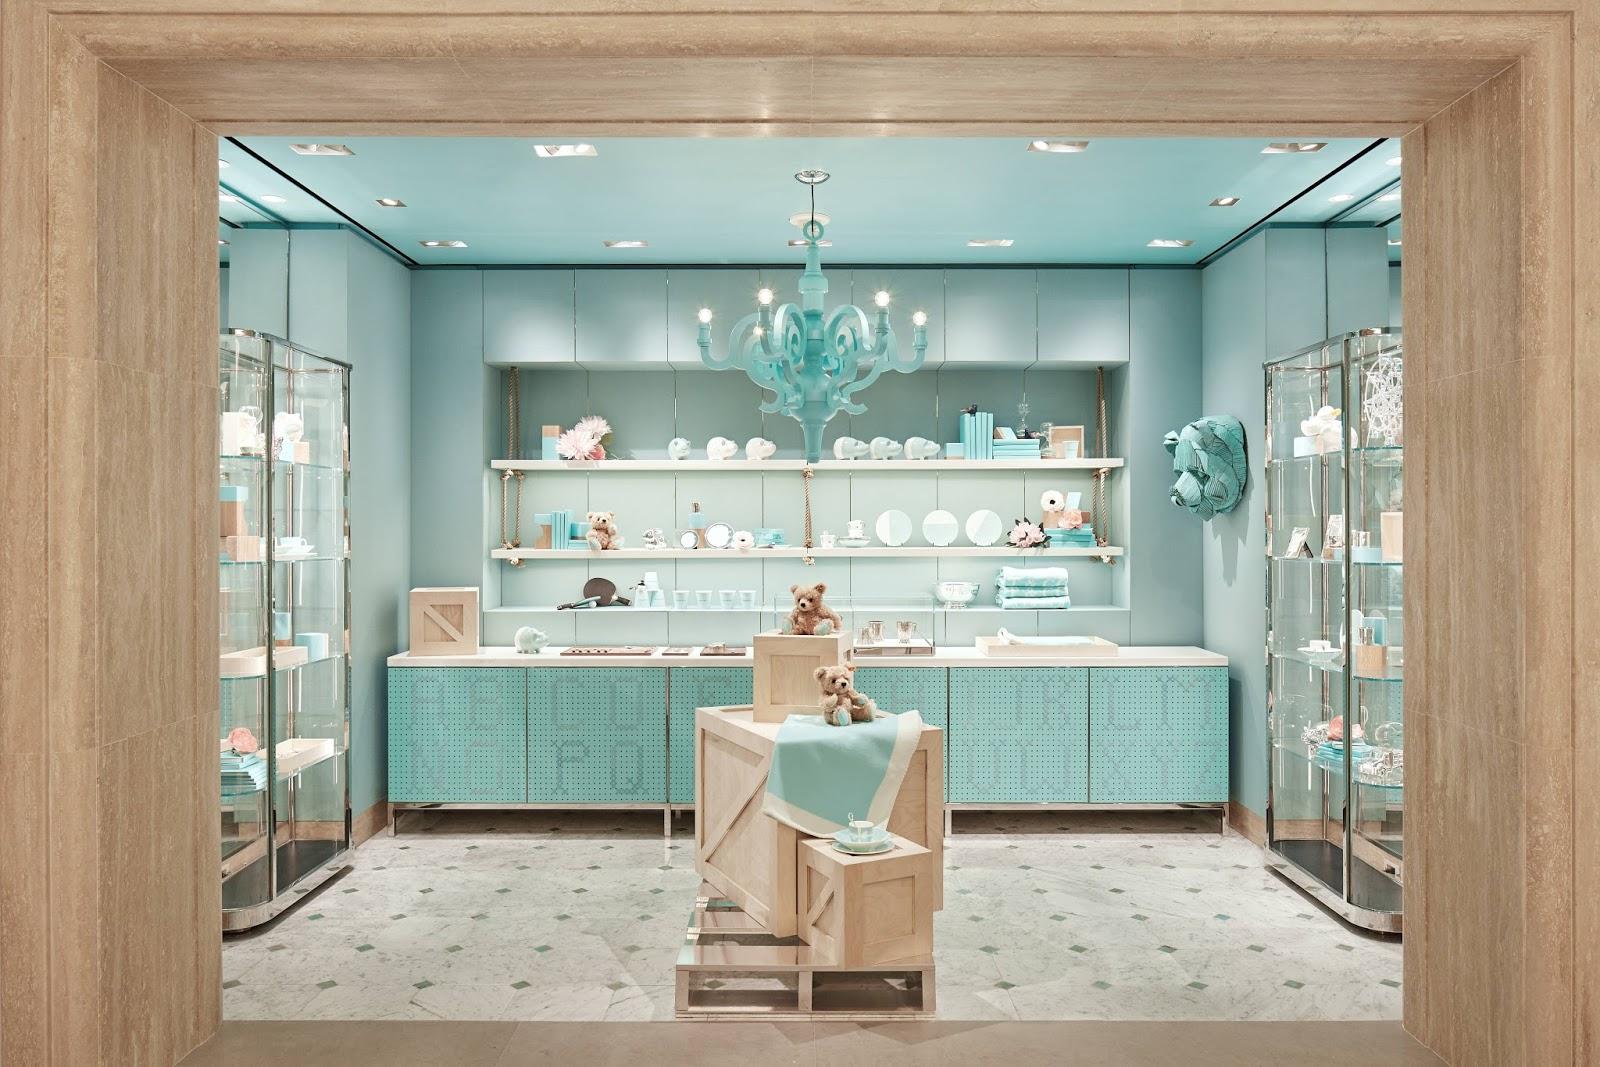 A Tiffany   Co. acaba de inaugurar o tão aguardado 4º andar de sua flagship  store, localizada da 5ª Avenida, em NYC. Por lá, os clientes poderão tomar  o ... 35ea8be763